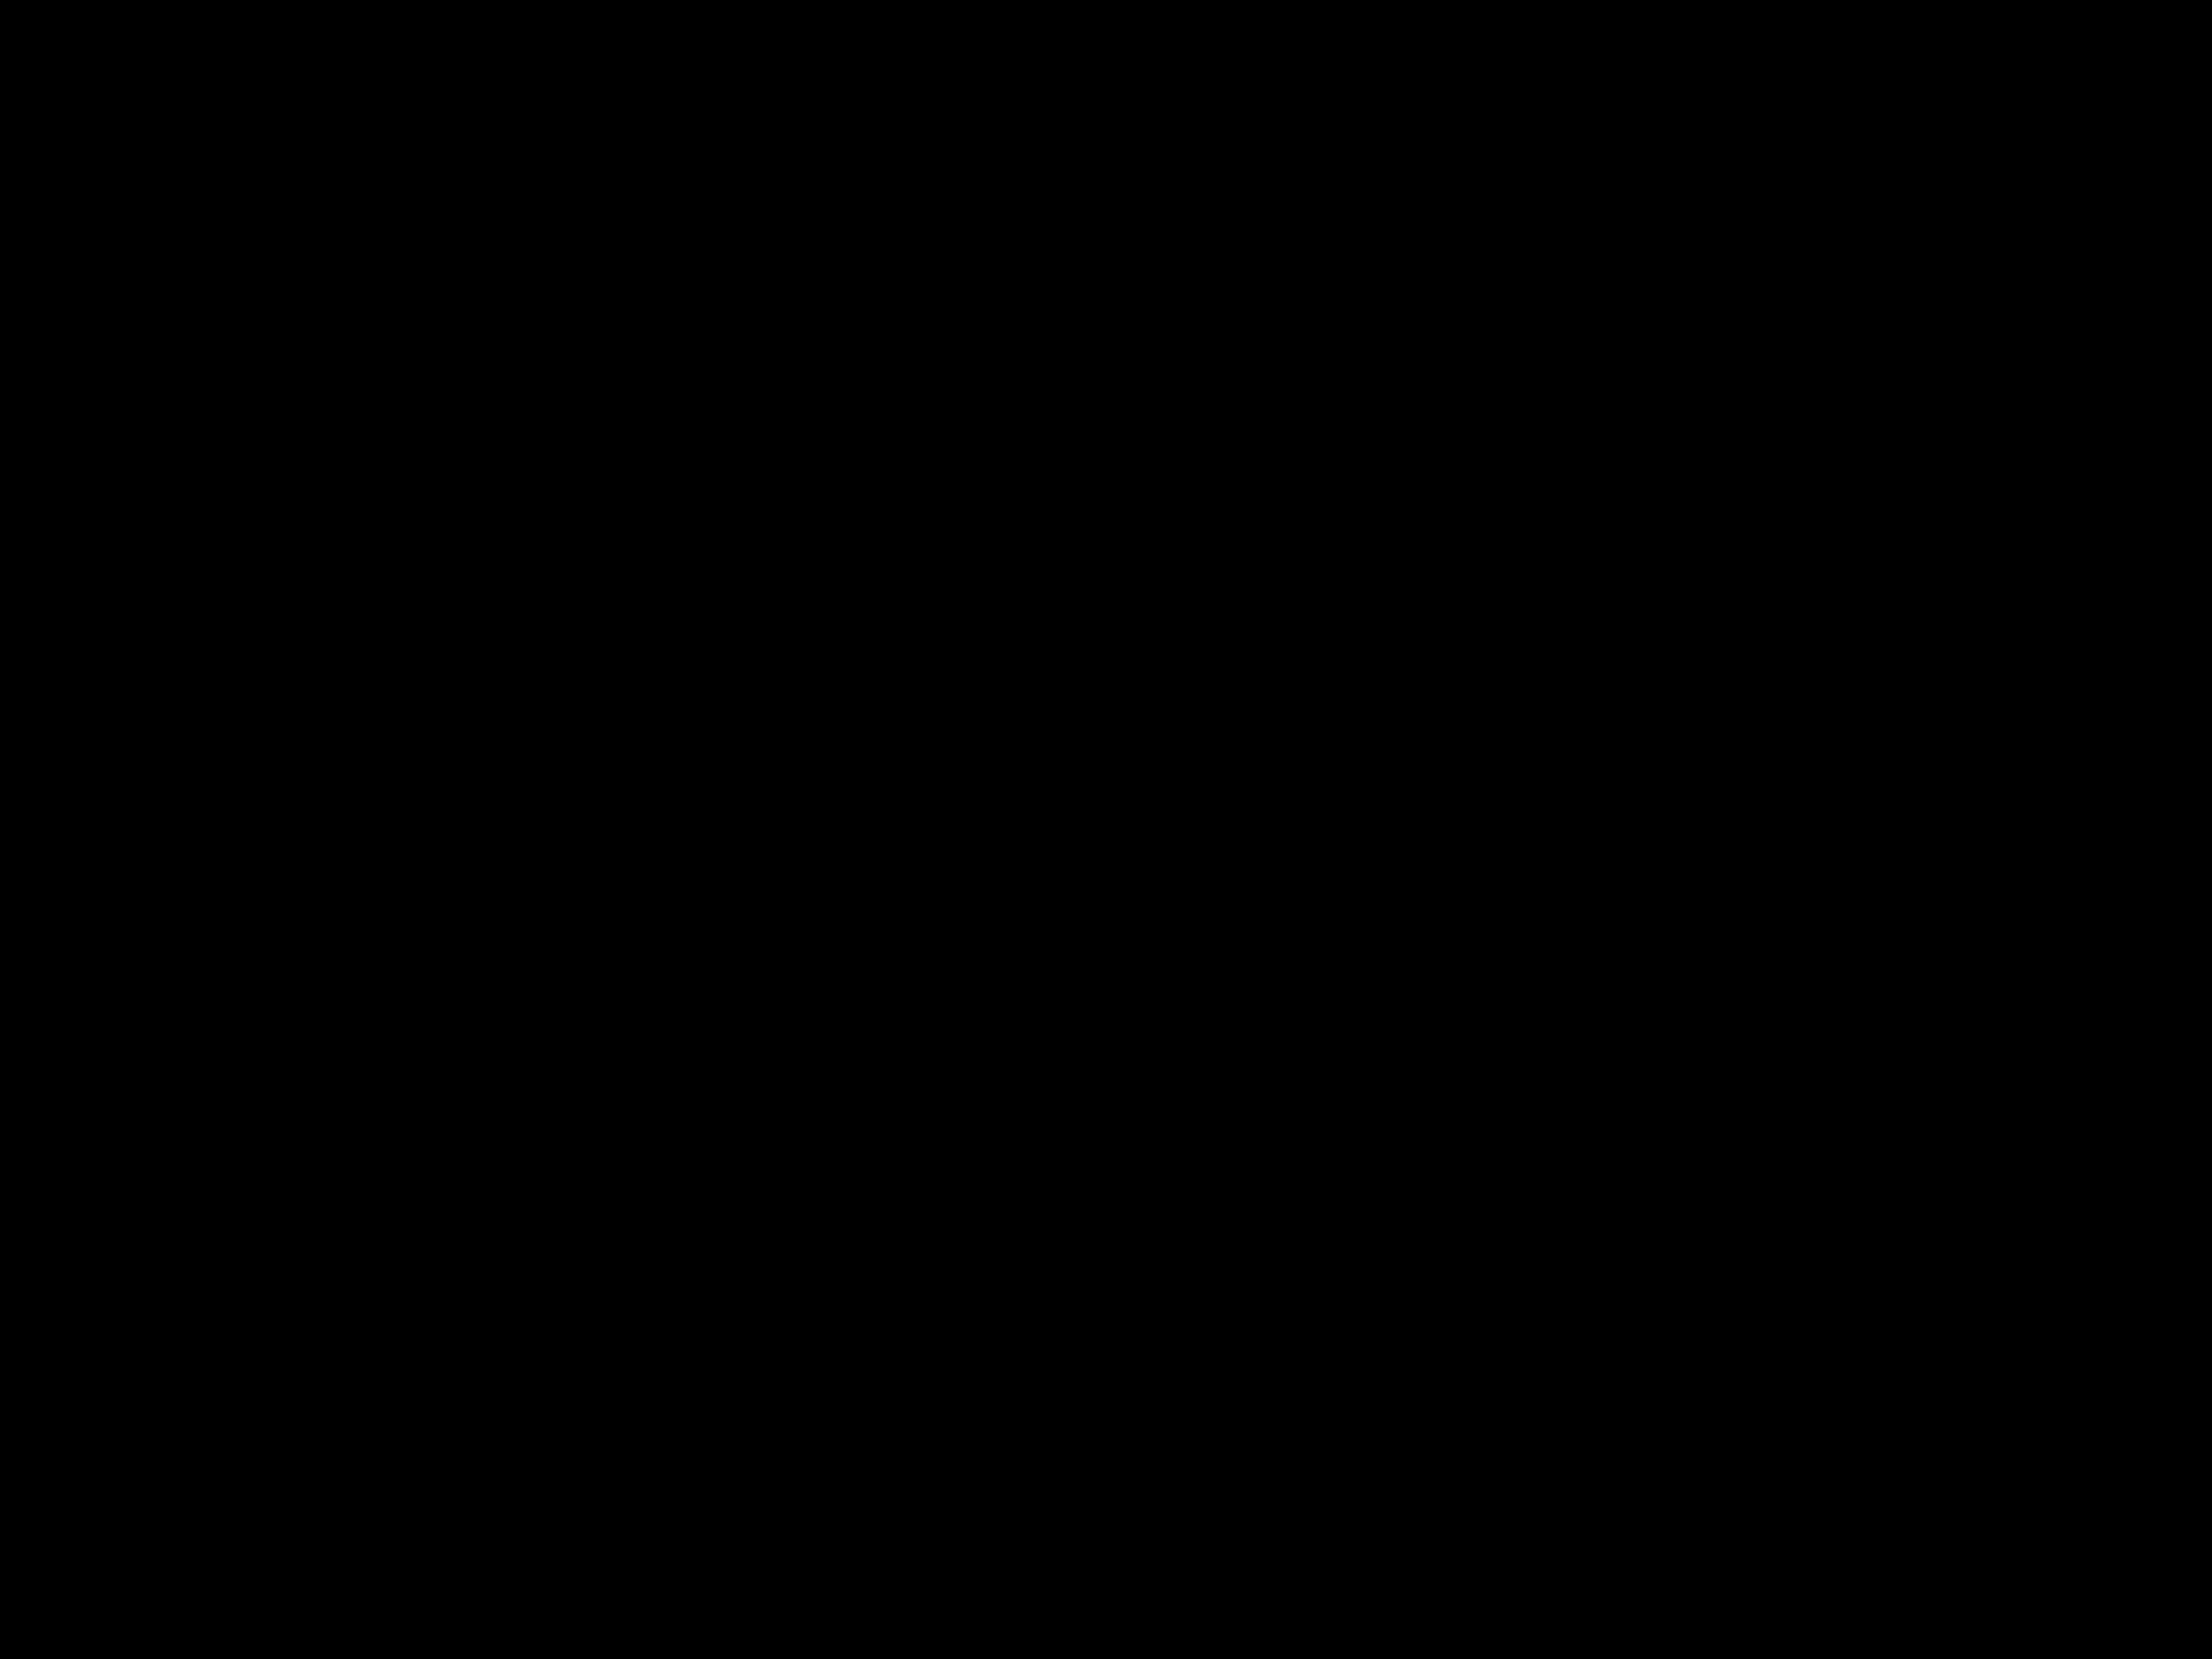 """""""茅岩莓""""植物黄酮及二氢杨梅素提取分离关键技术研究与产业化顺利通过省科技厅专家评审验收"""